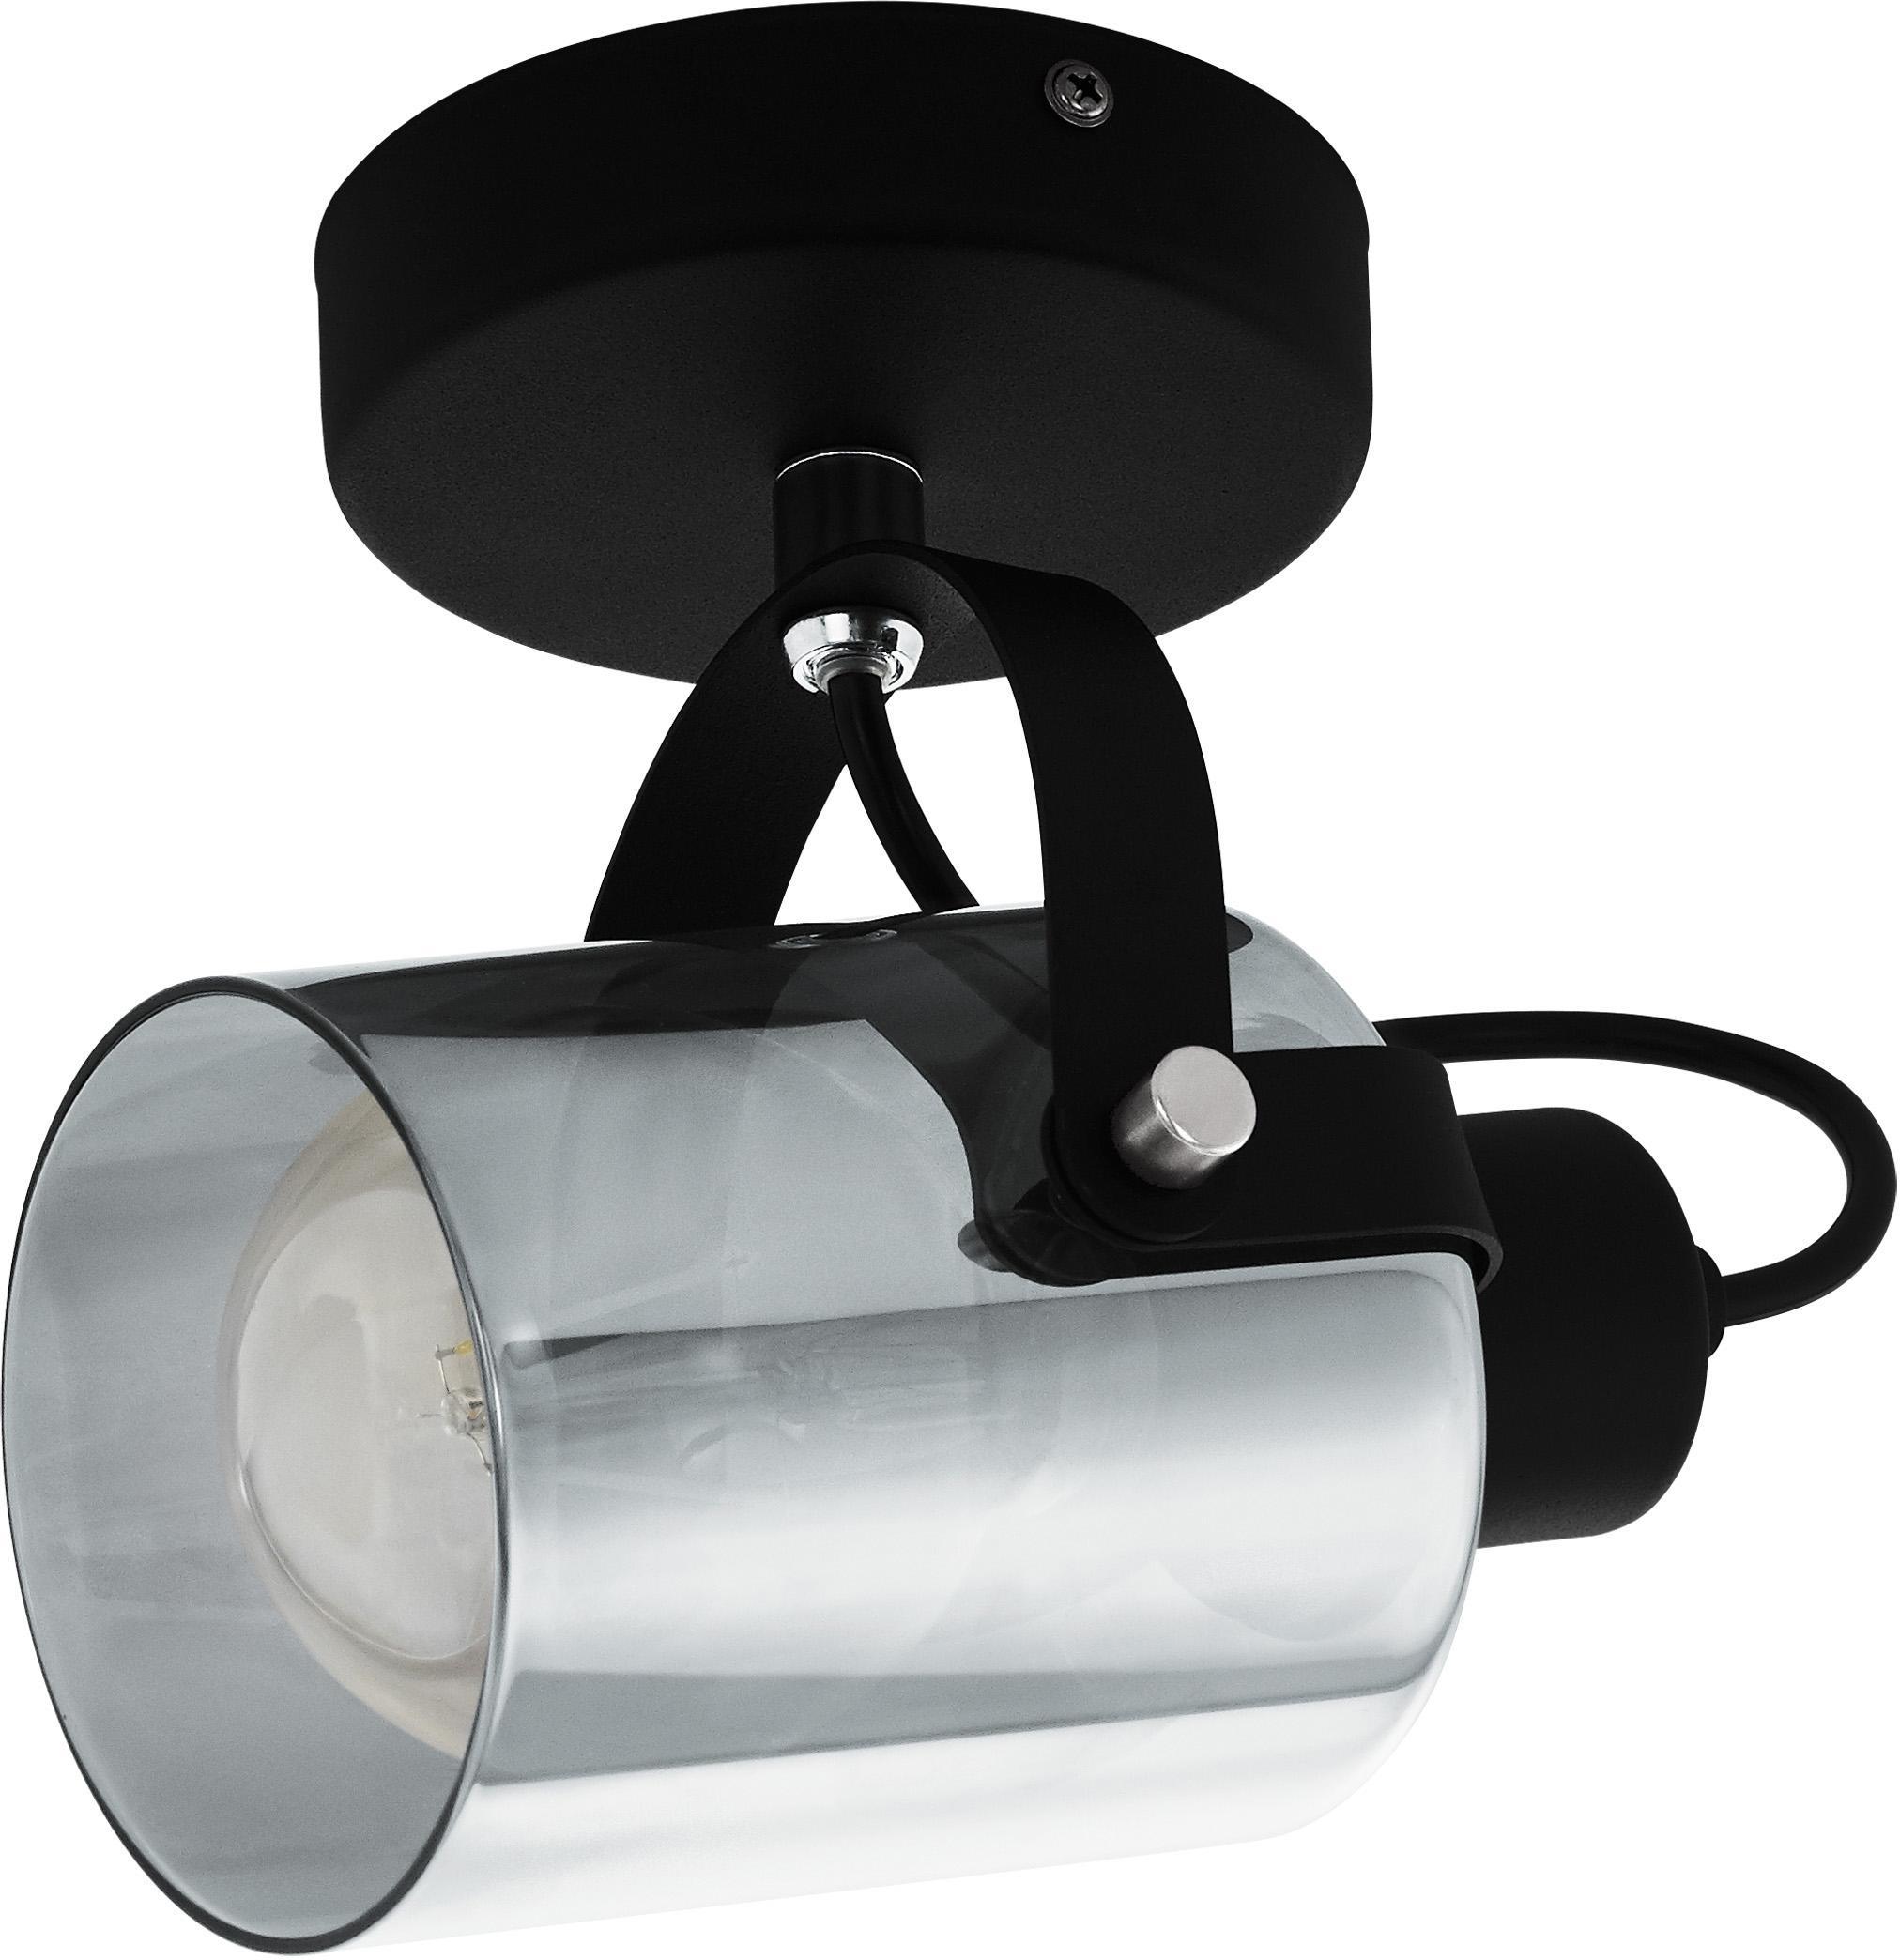 Lampa sufitowa/kinkiet ze szkła chromowanego Berregas, Srebrny, S 13 x W 11 cm